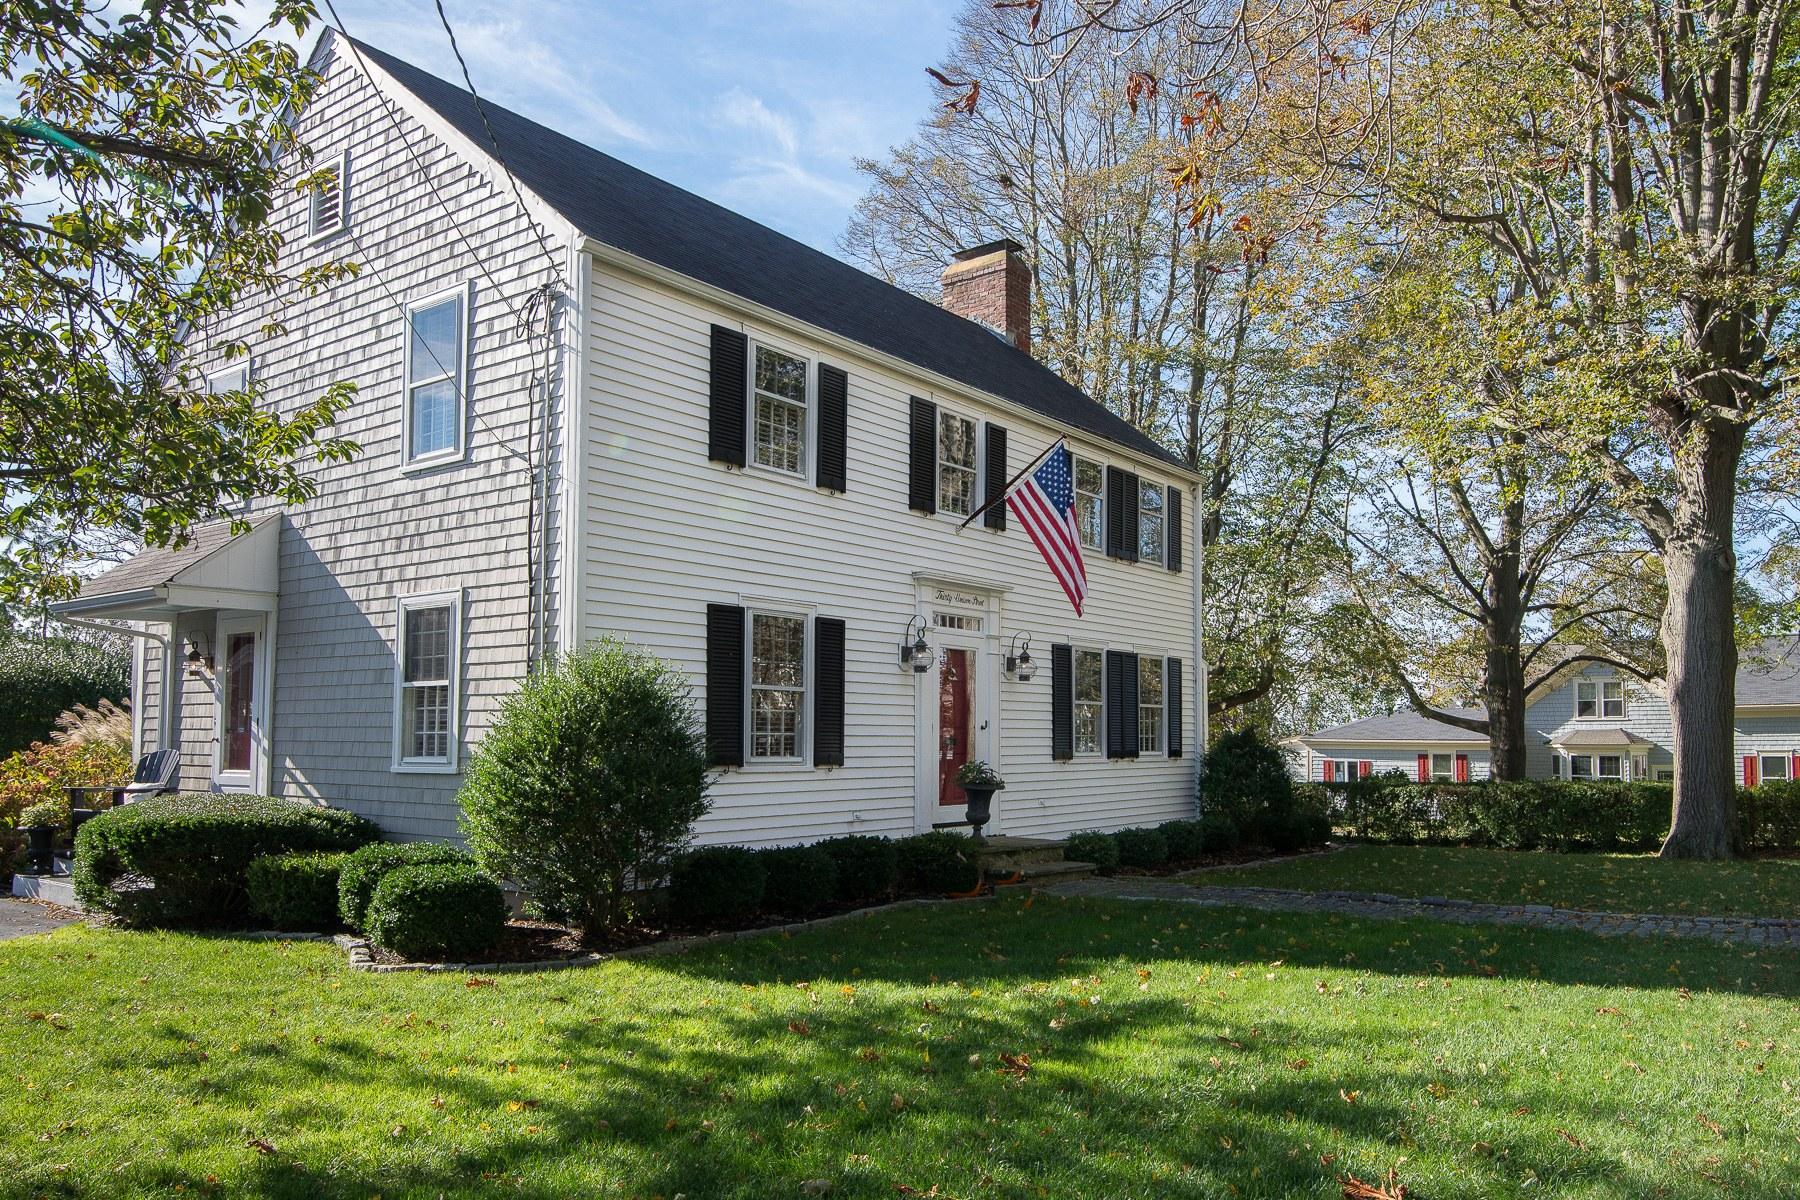 Casa Unifamiliar por un Venta en 30 Union St, Bristol, RI Bristol, Rhode Island 02809 Estados Unidos